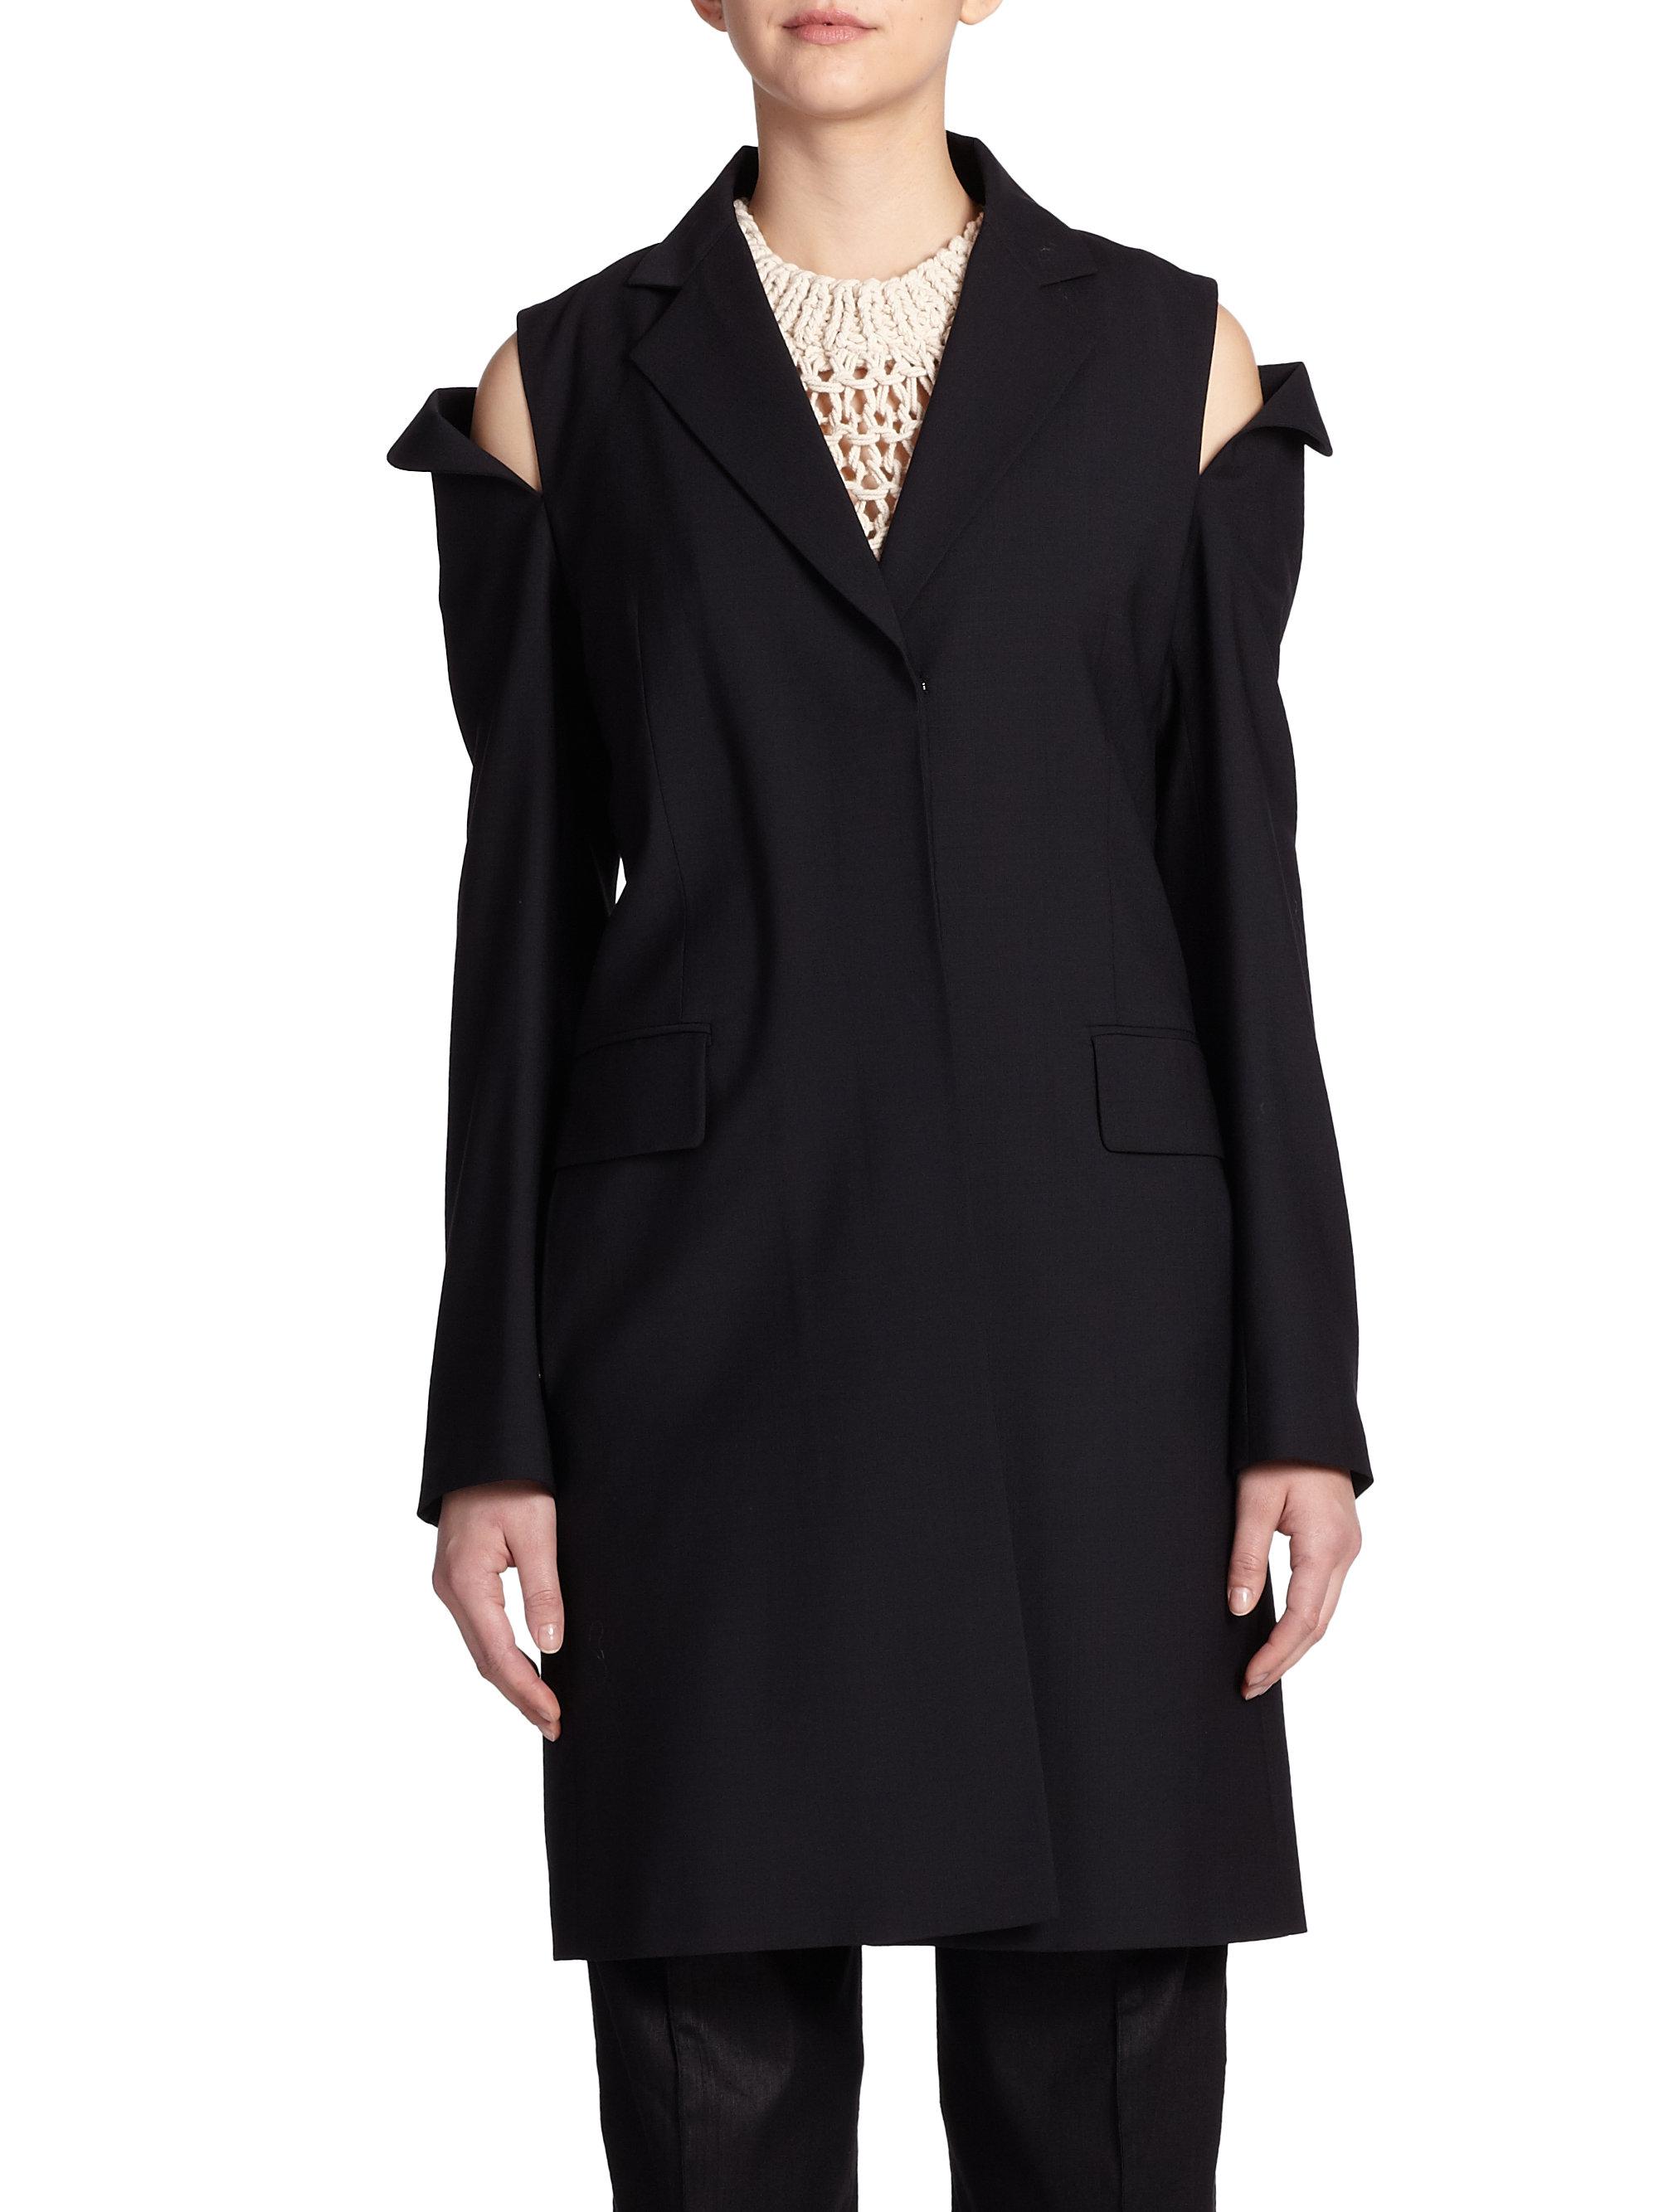 maison margiela cold shoulder convertible jacket in black for men lyst. Black Bedroom Furniture Sets. Home Design Ideas